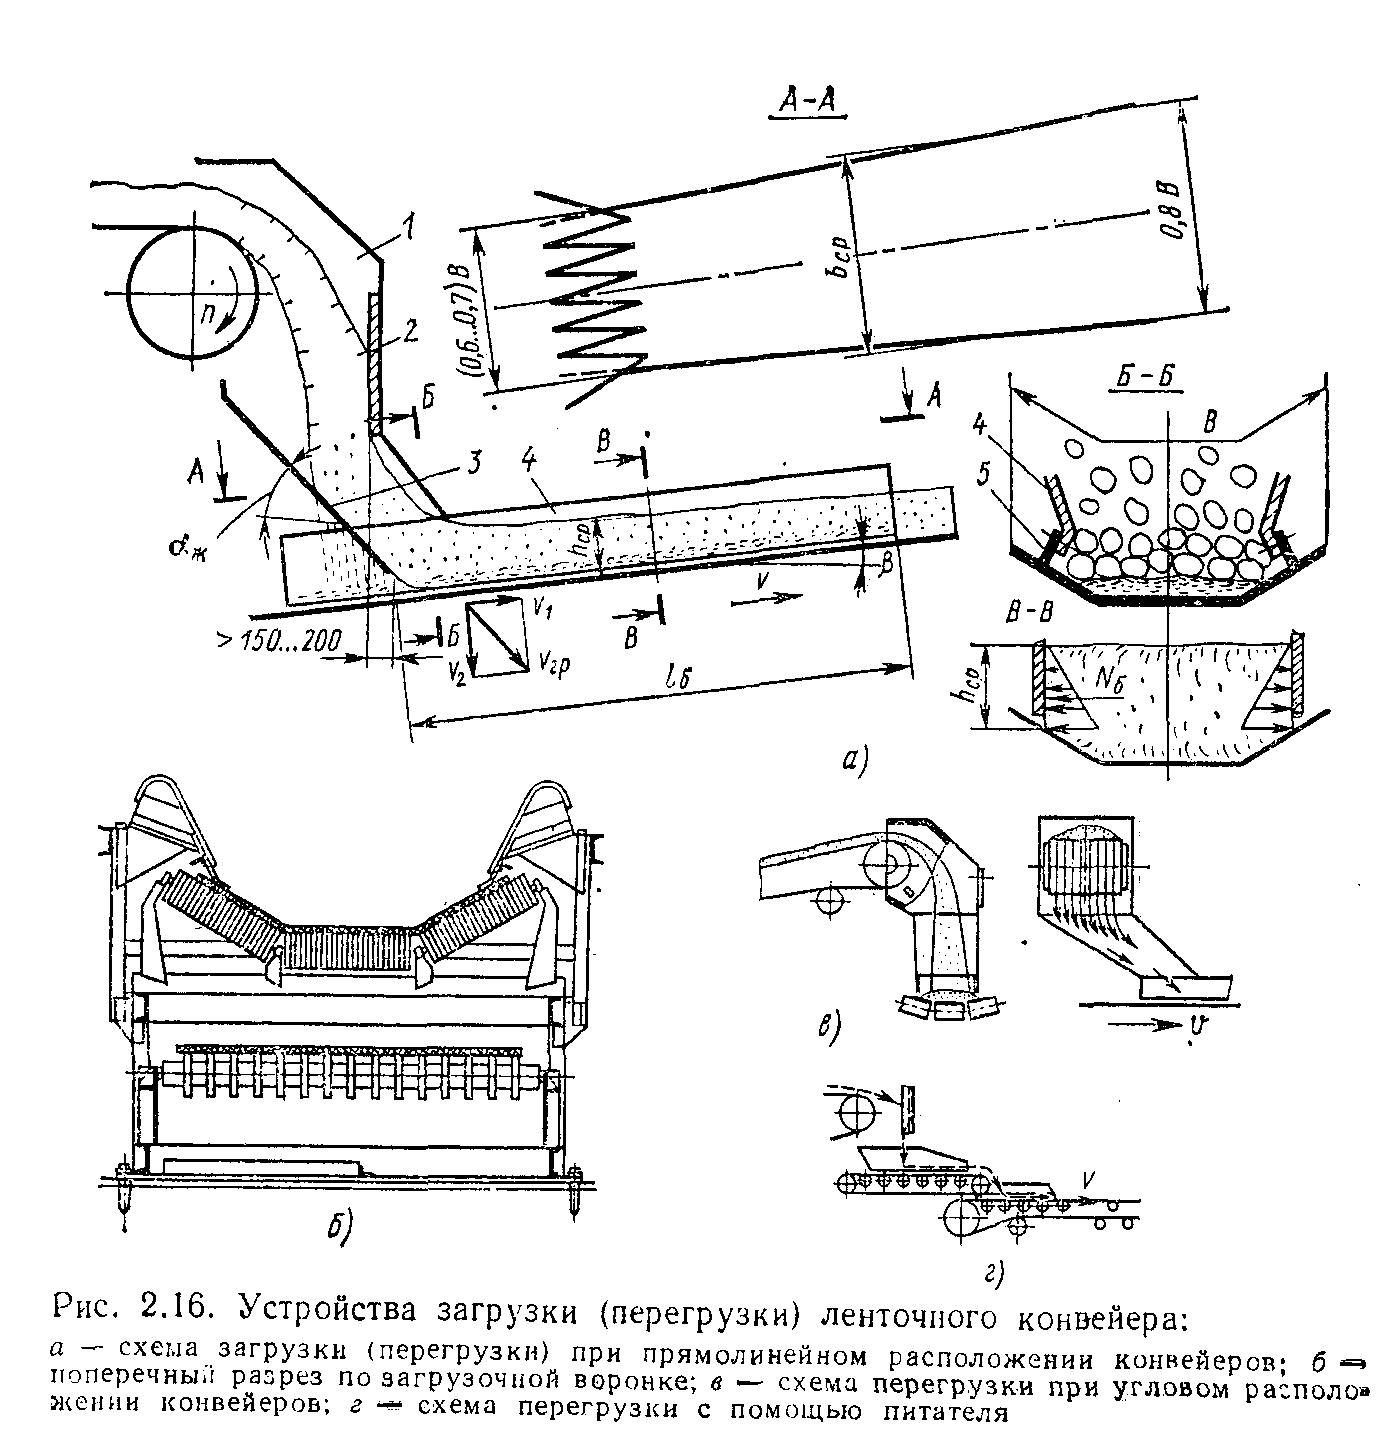 Загрузочное устройства для ленточного конвейера монтаж ленточные конвейеры